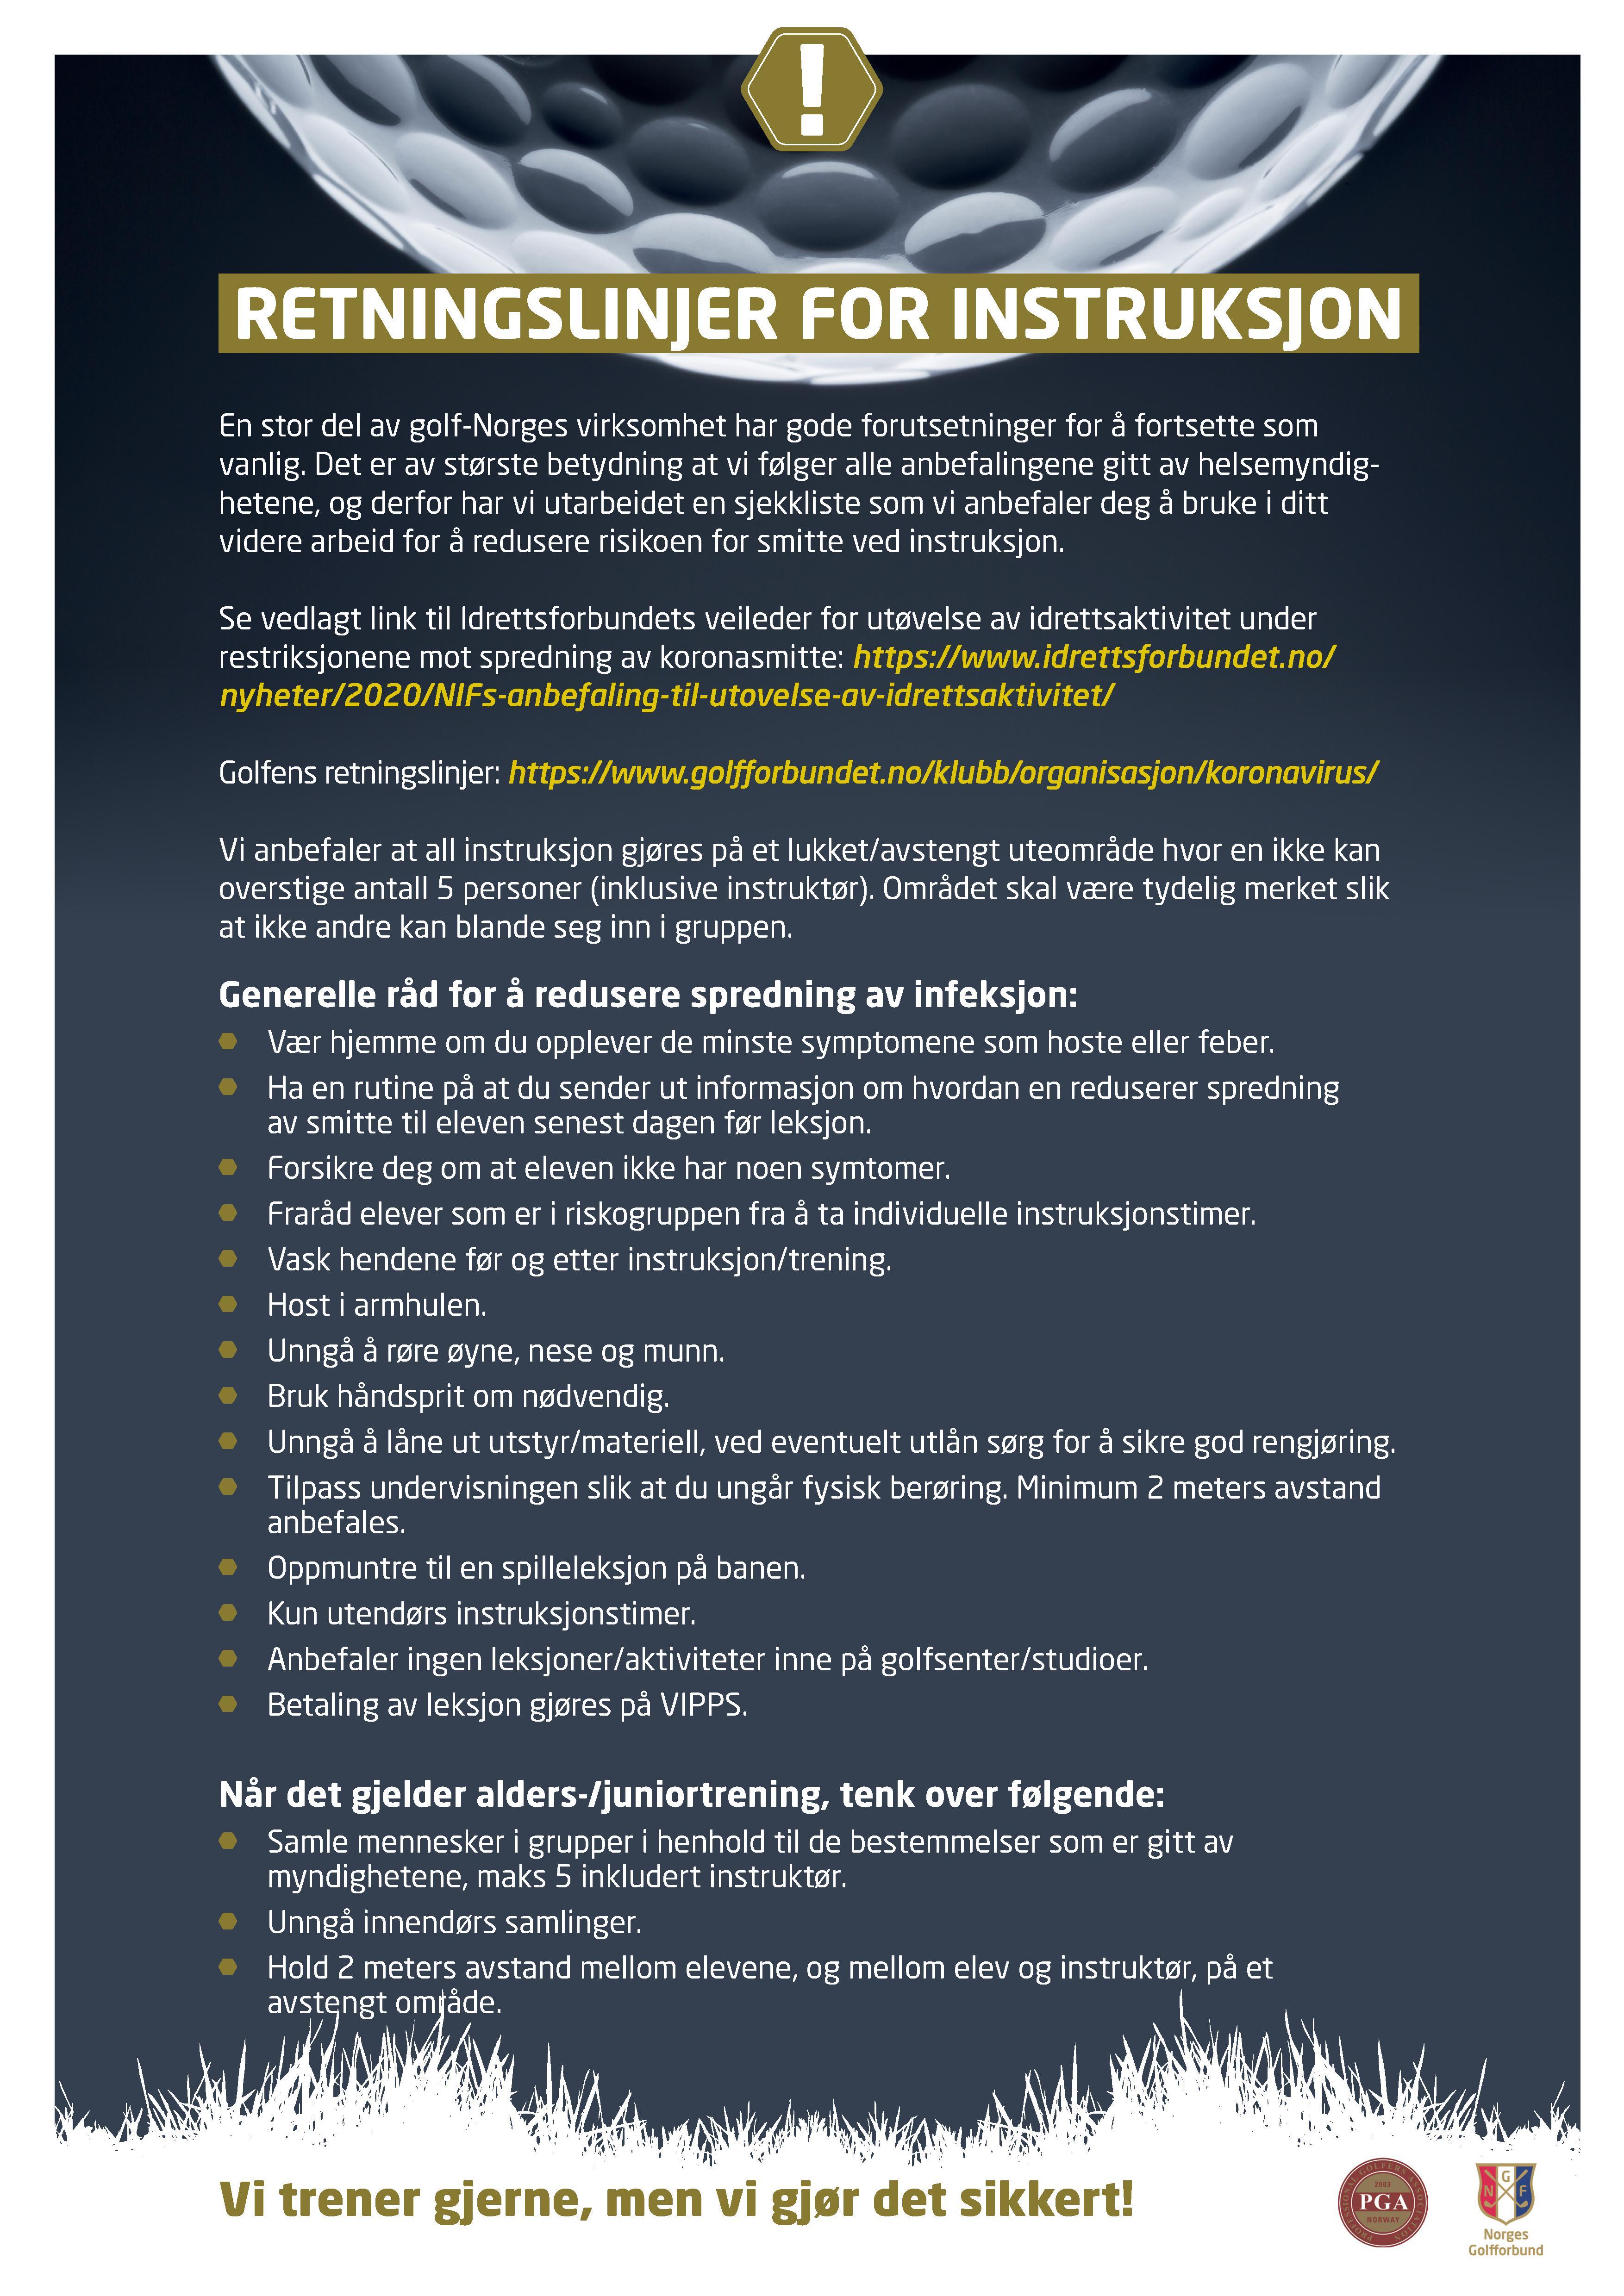 korona-retningslinjer-instruksjon-030420